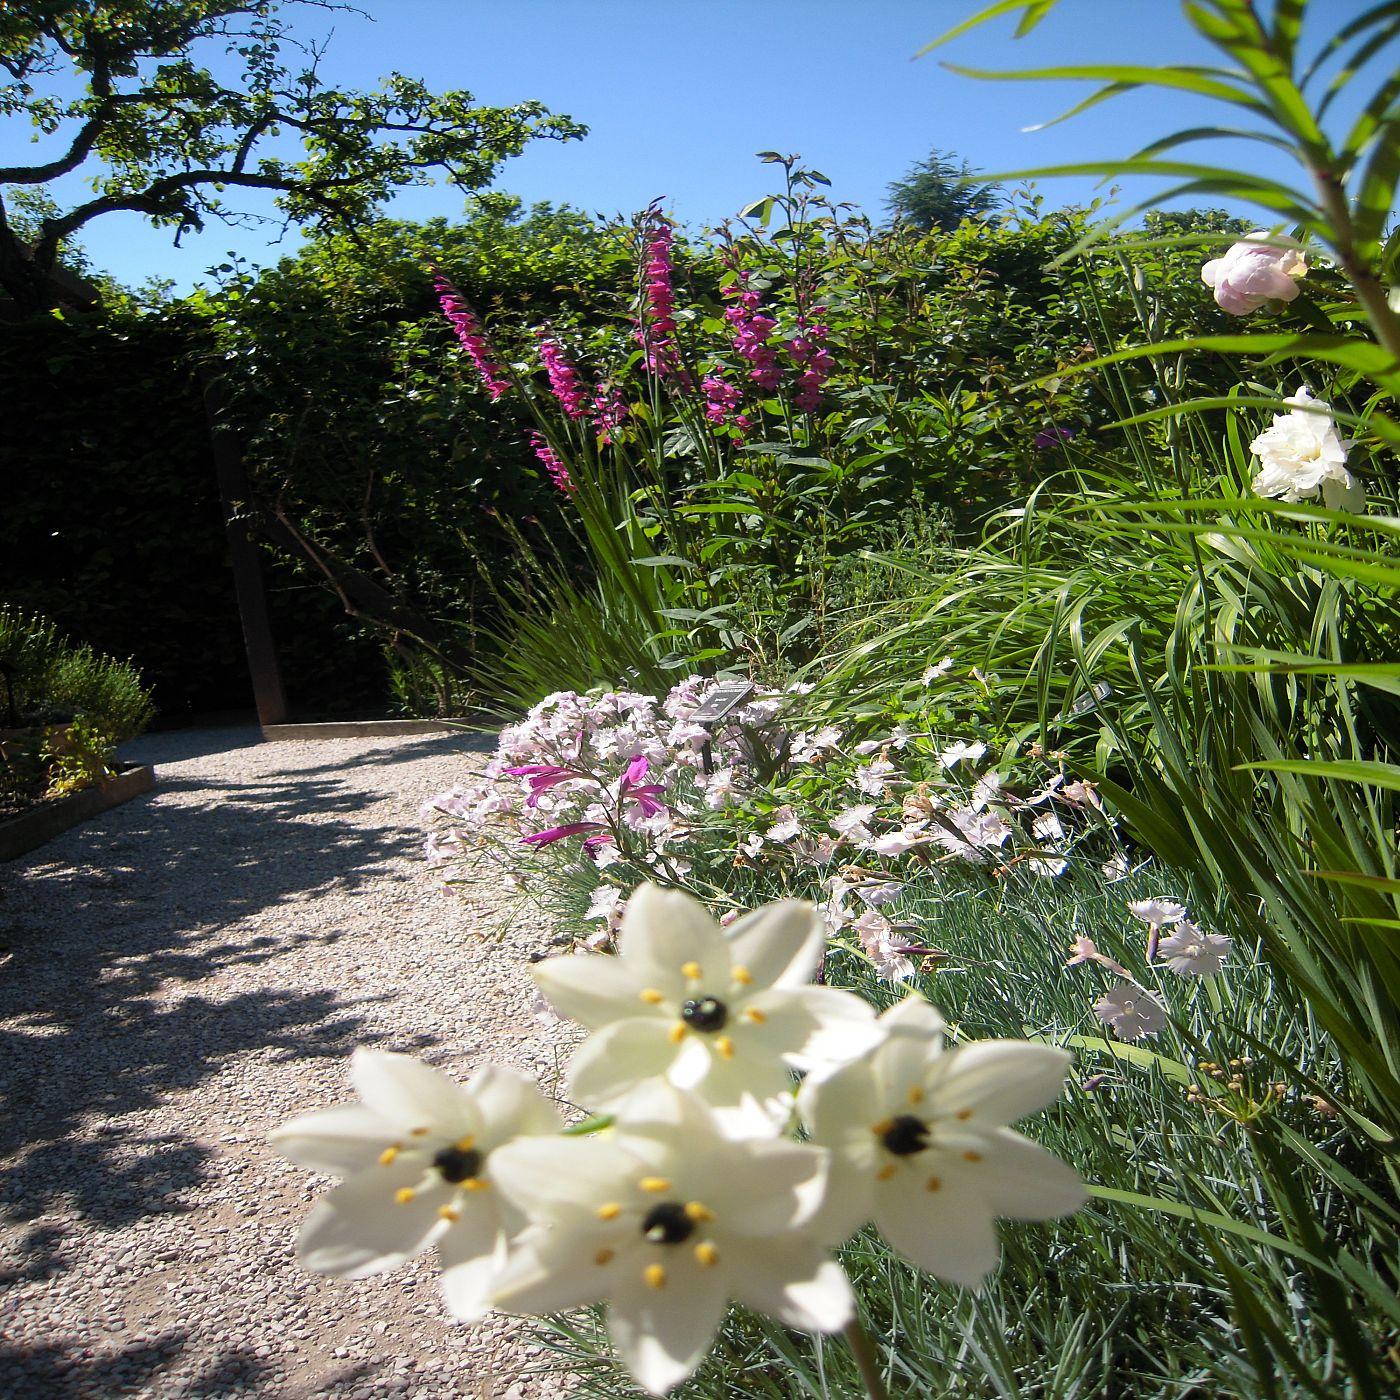 Yvoire cit m di vale et jardin des cinq sens for Jardin yvoire